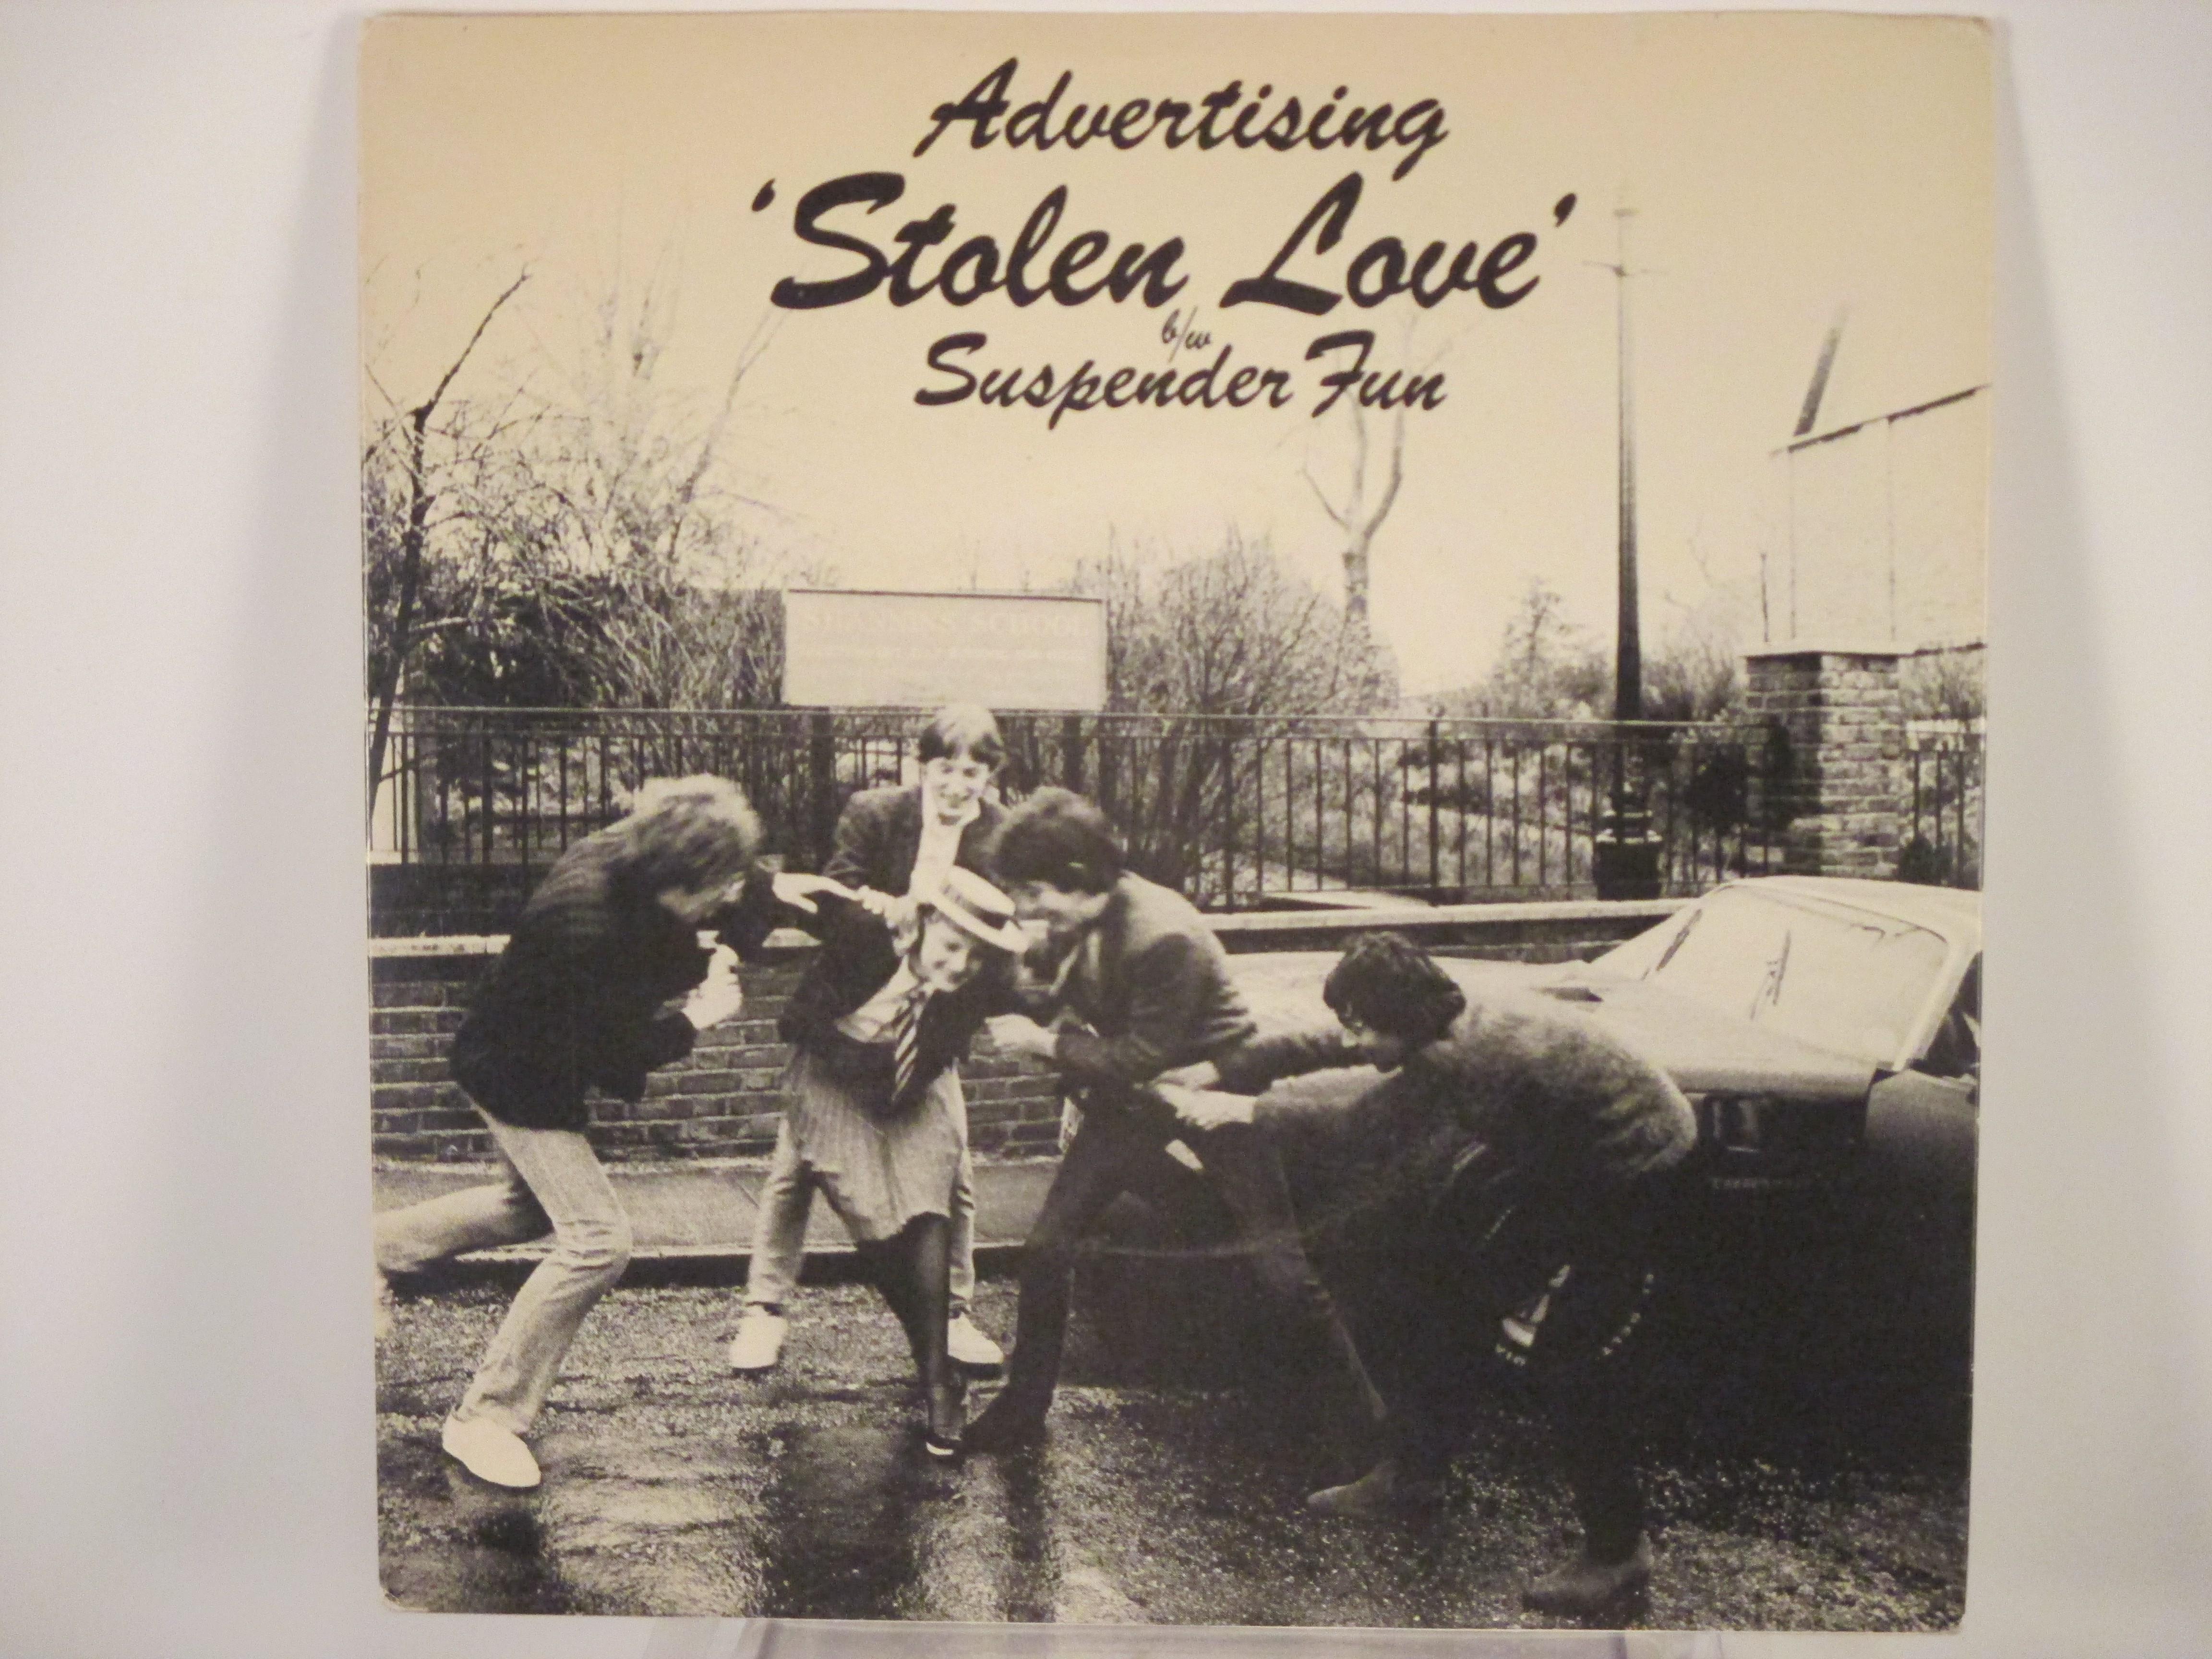 ADVERTISING : Stolen love / Suspender fun